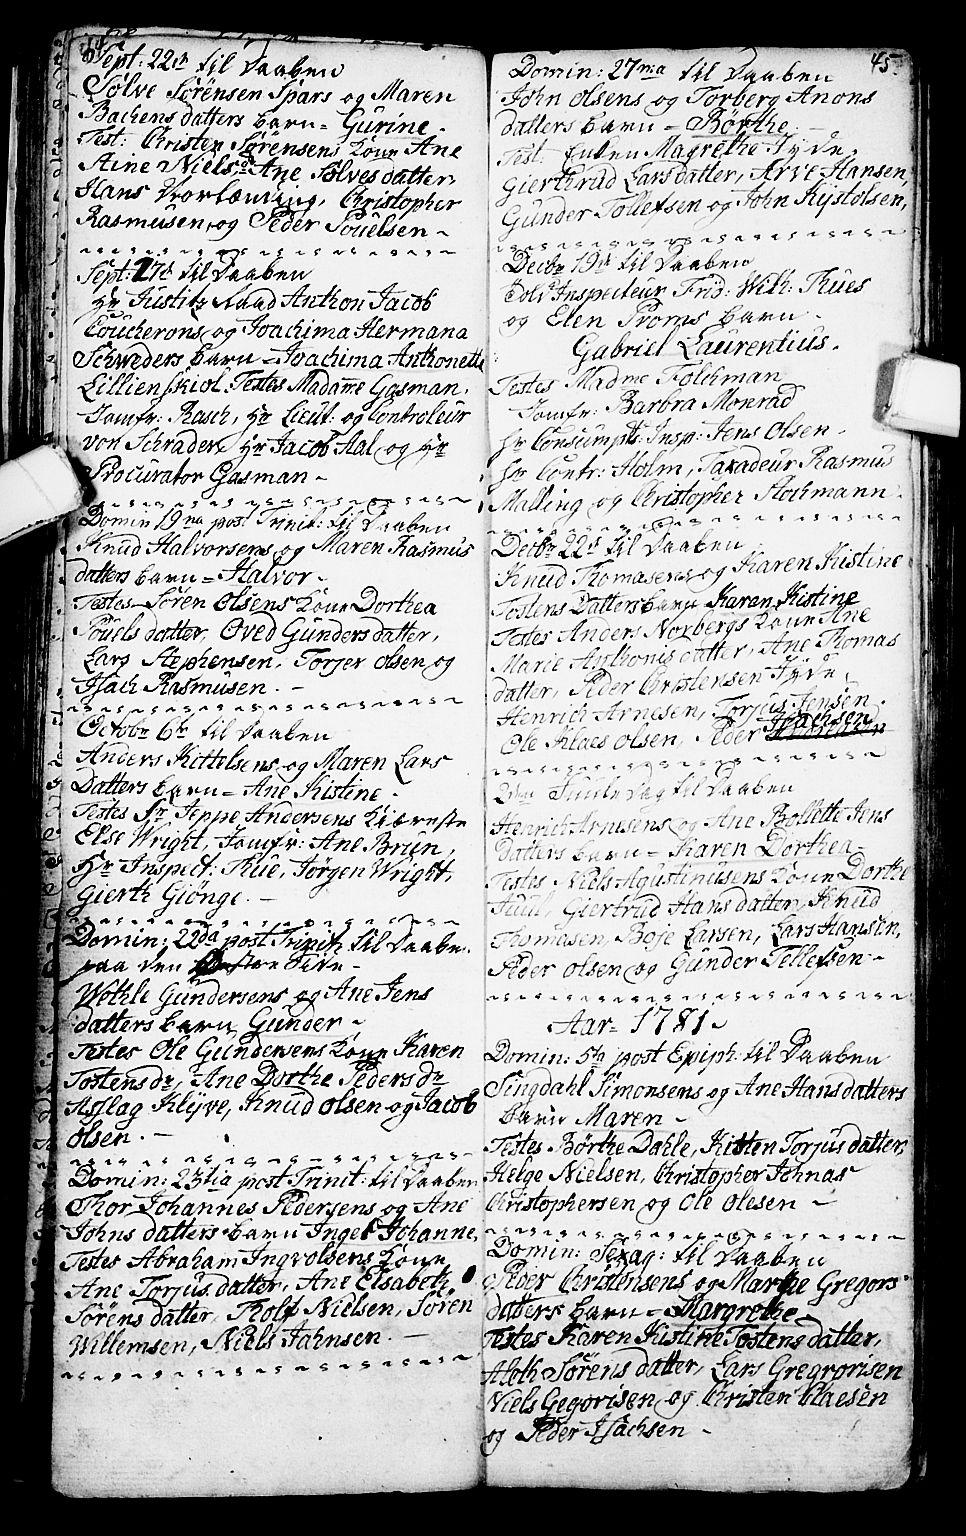 SAKO, Porsgrunn kirkebøker , G/Ga/L0001: Klokkerbok nr. I 1, 1766-1790, s. 44-45